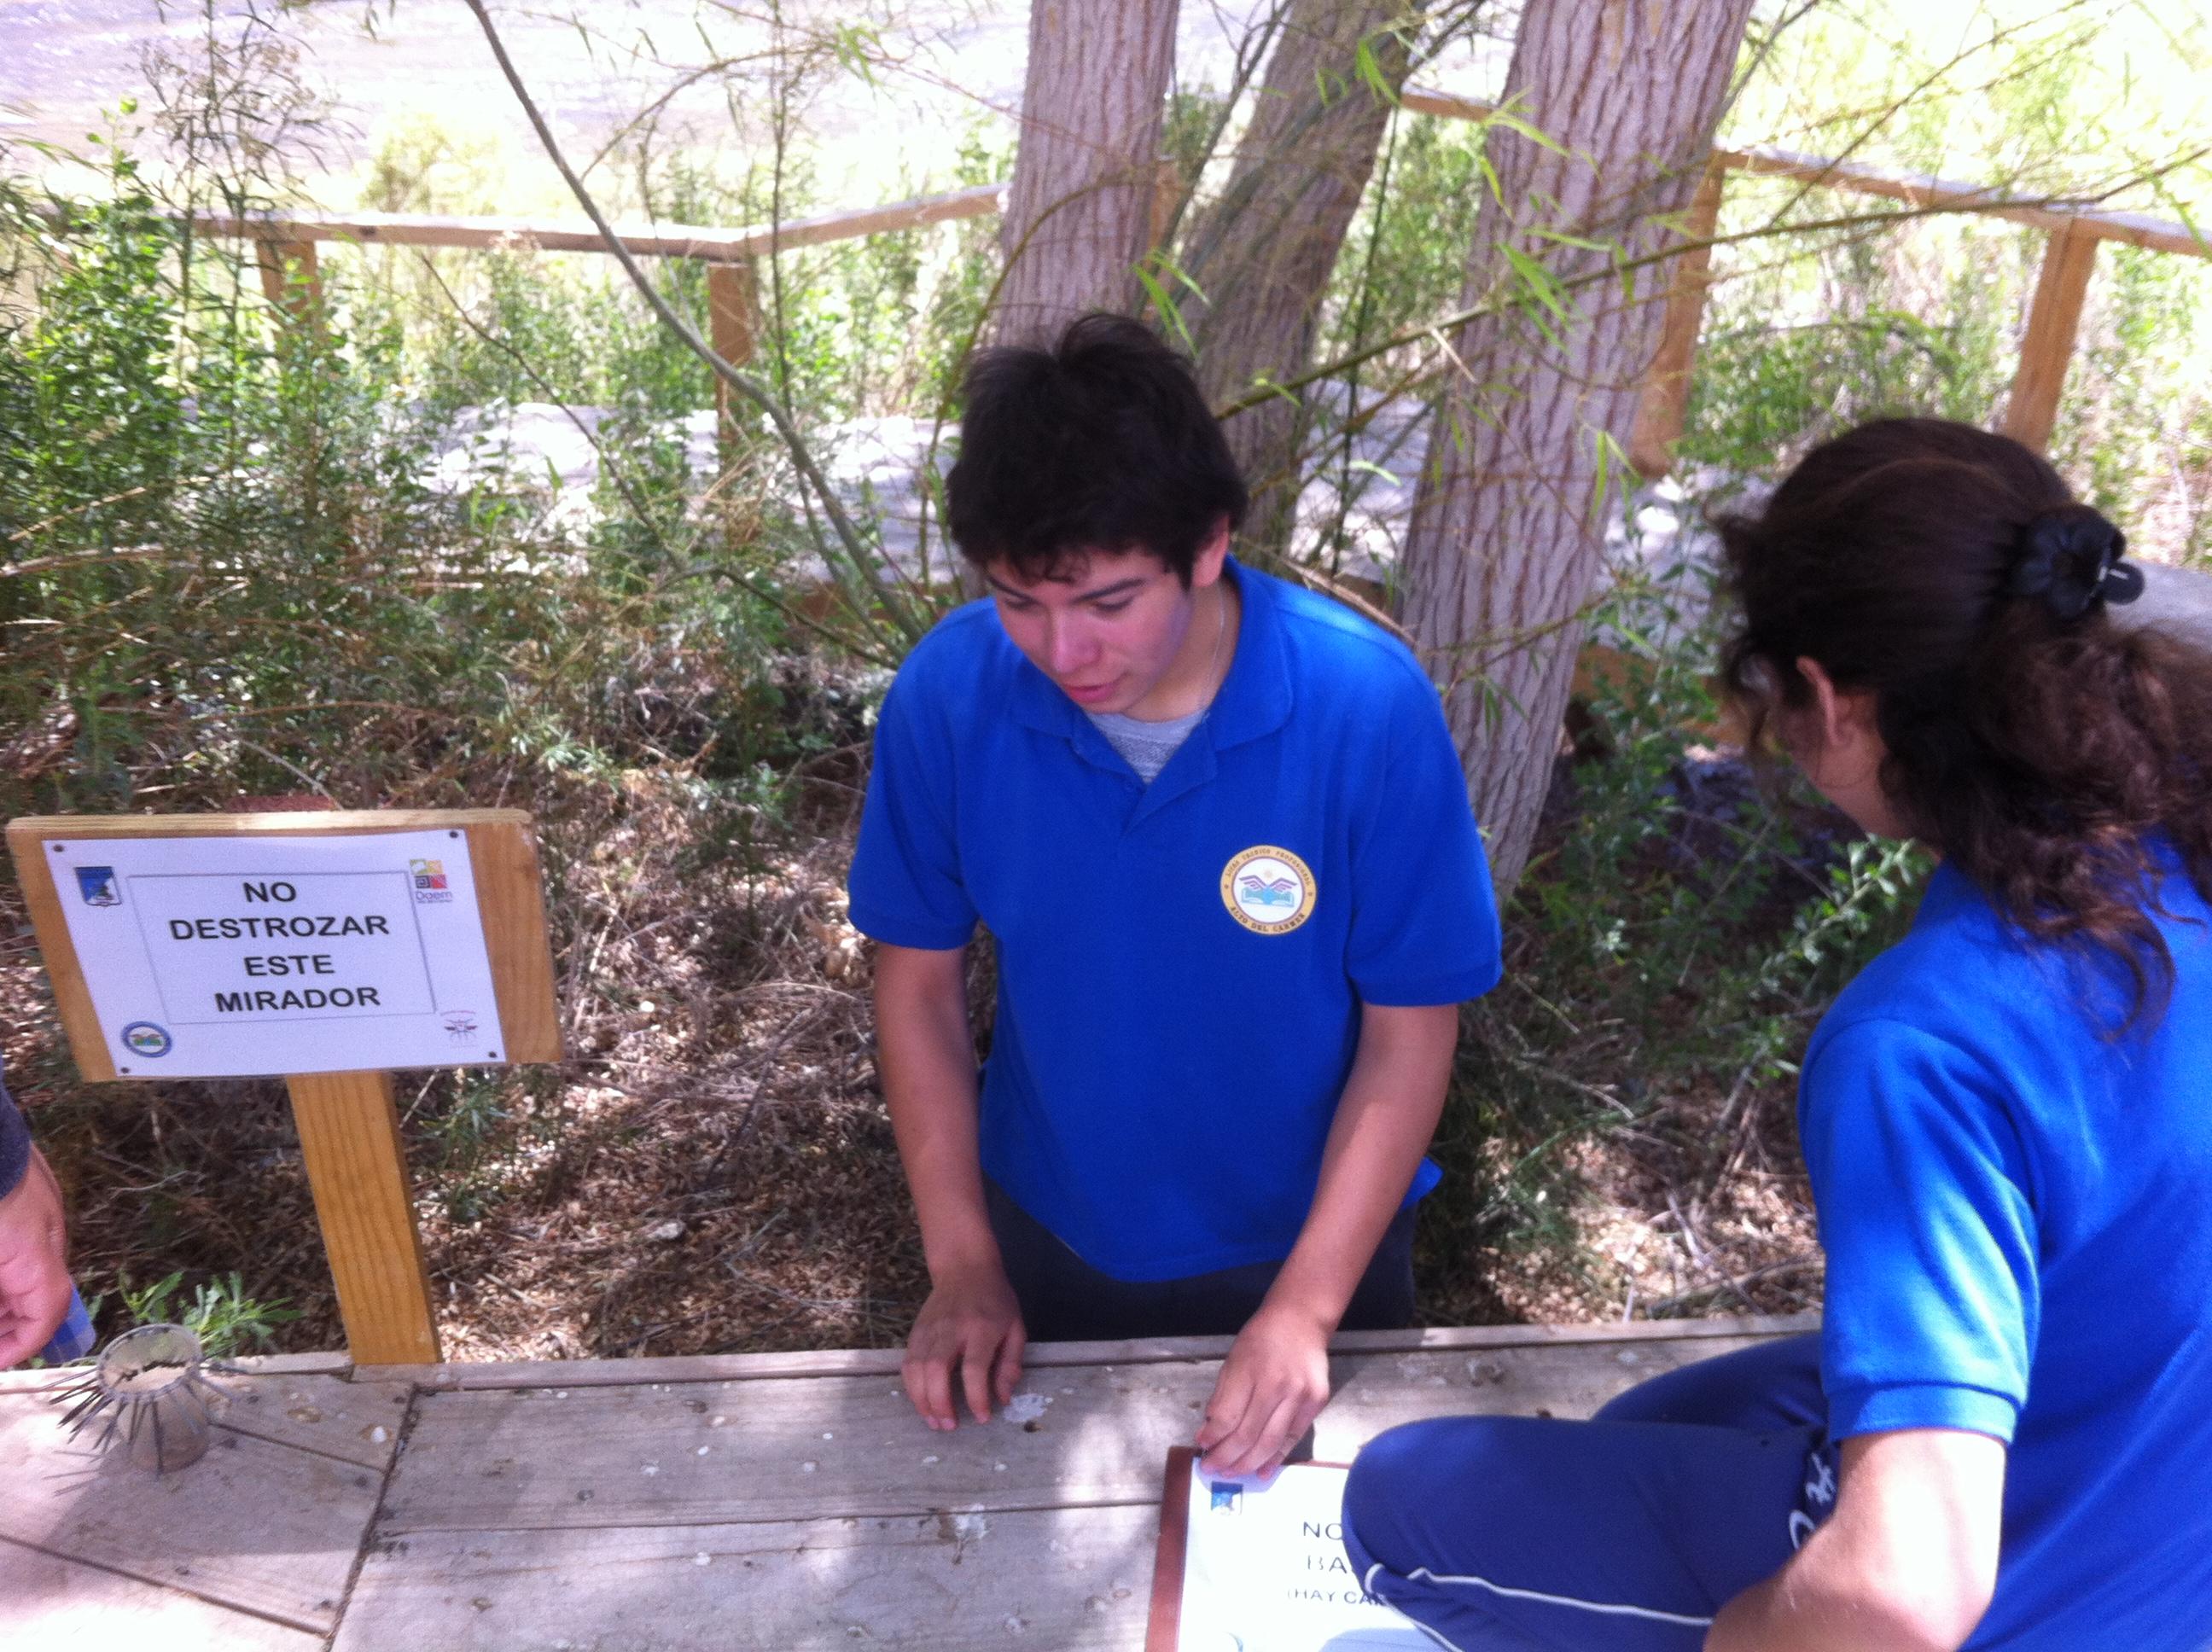 Alumnos de Especialidad de Turismo de Alto del Carmen limpian e instalan señaletica en sendero de interpretación ambiental